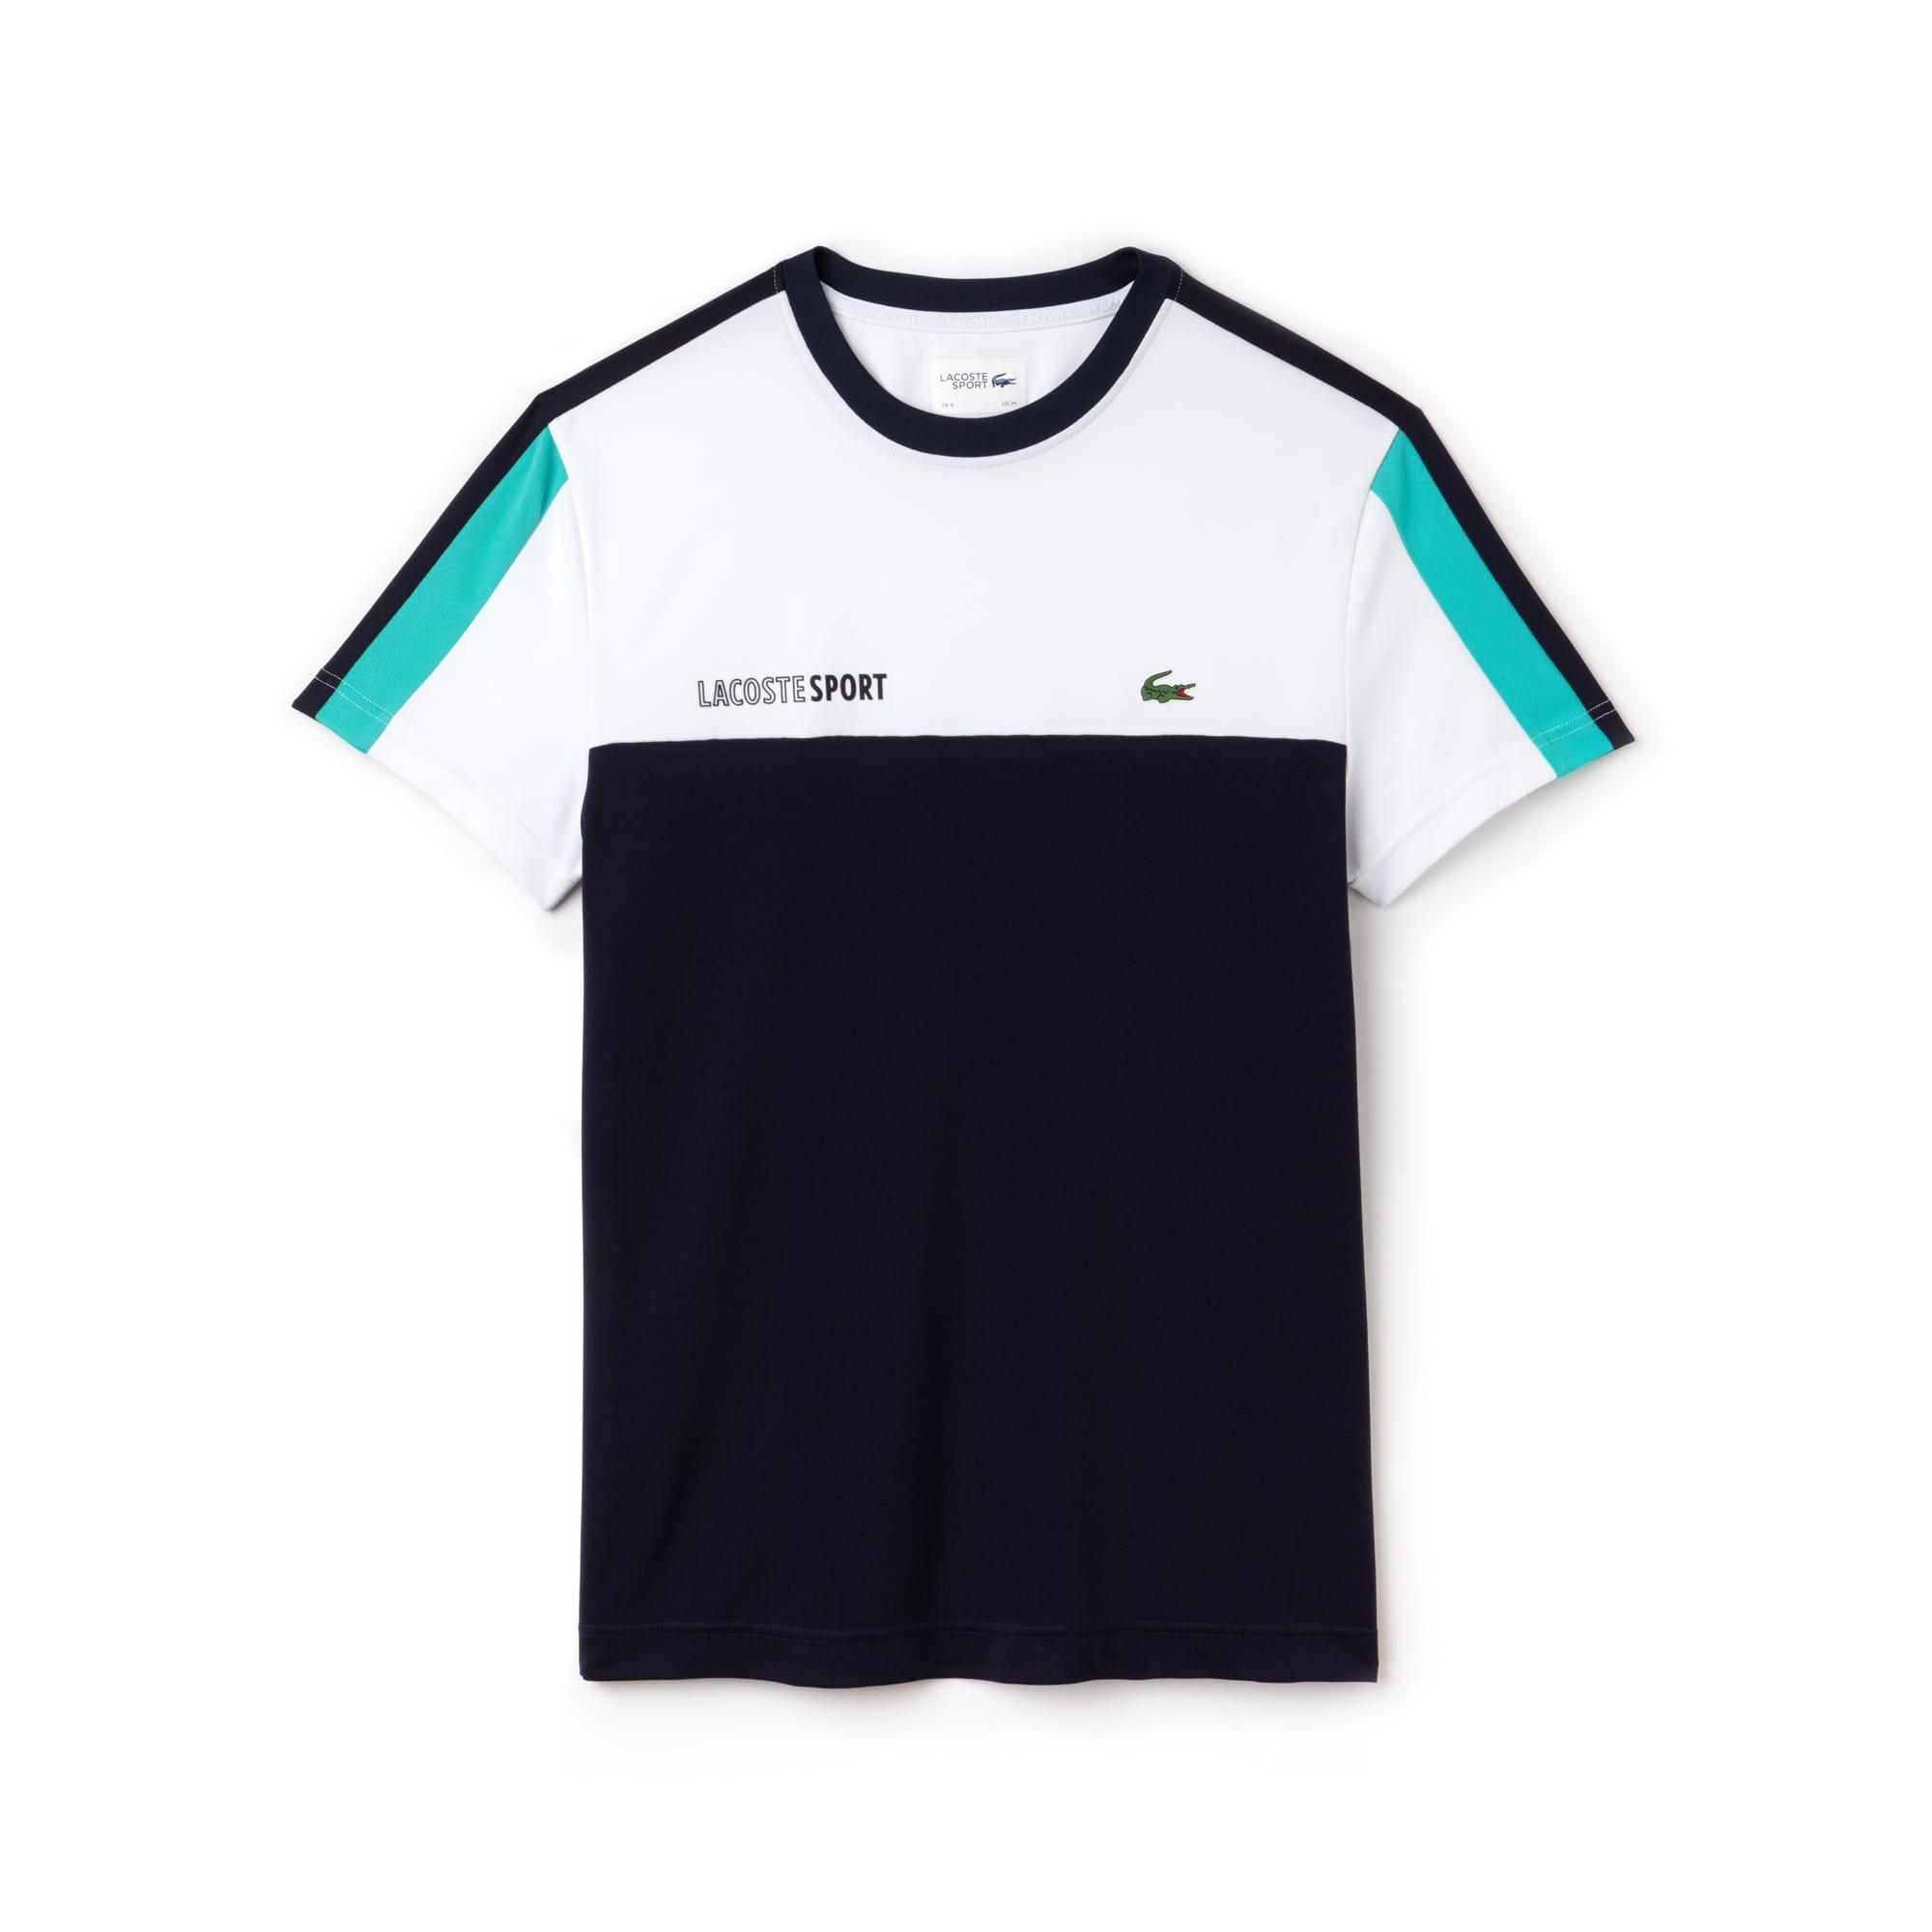 Camiseta De Hombre Lacoste SPORT Tennis En Piqué Color Block Con Cuello Redondo